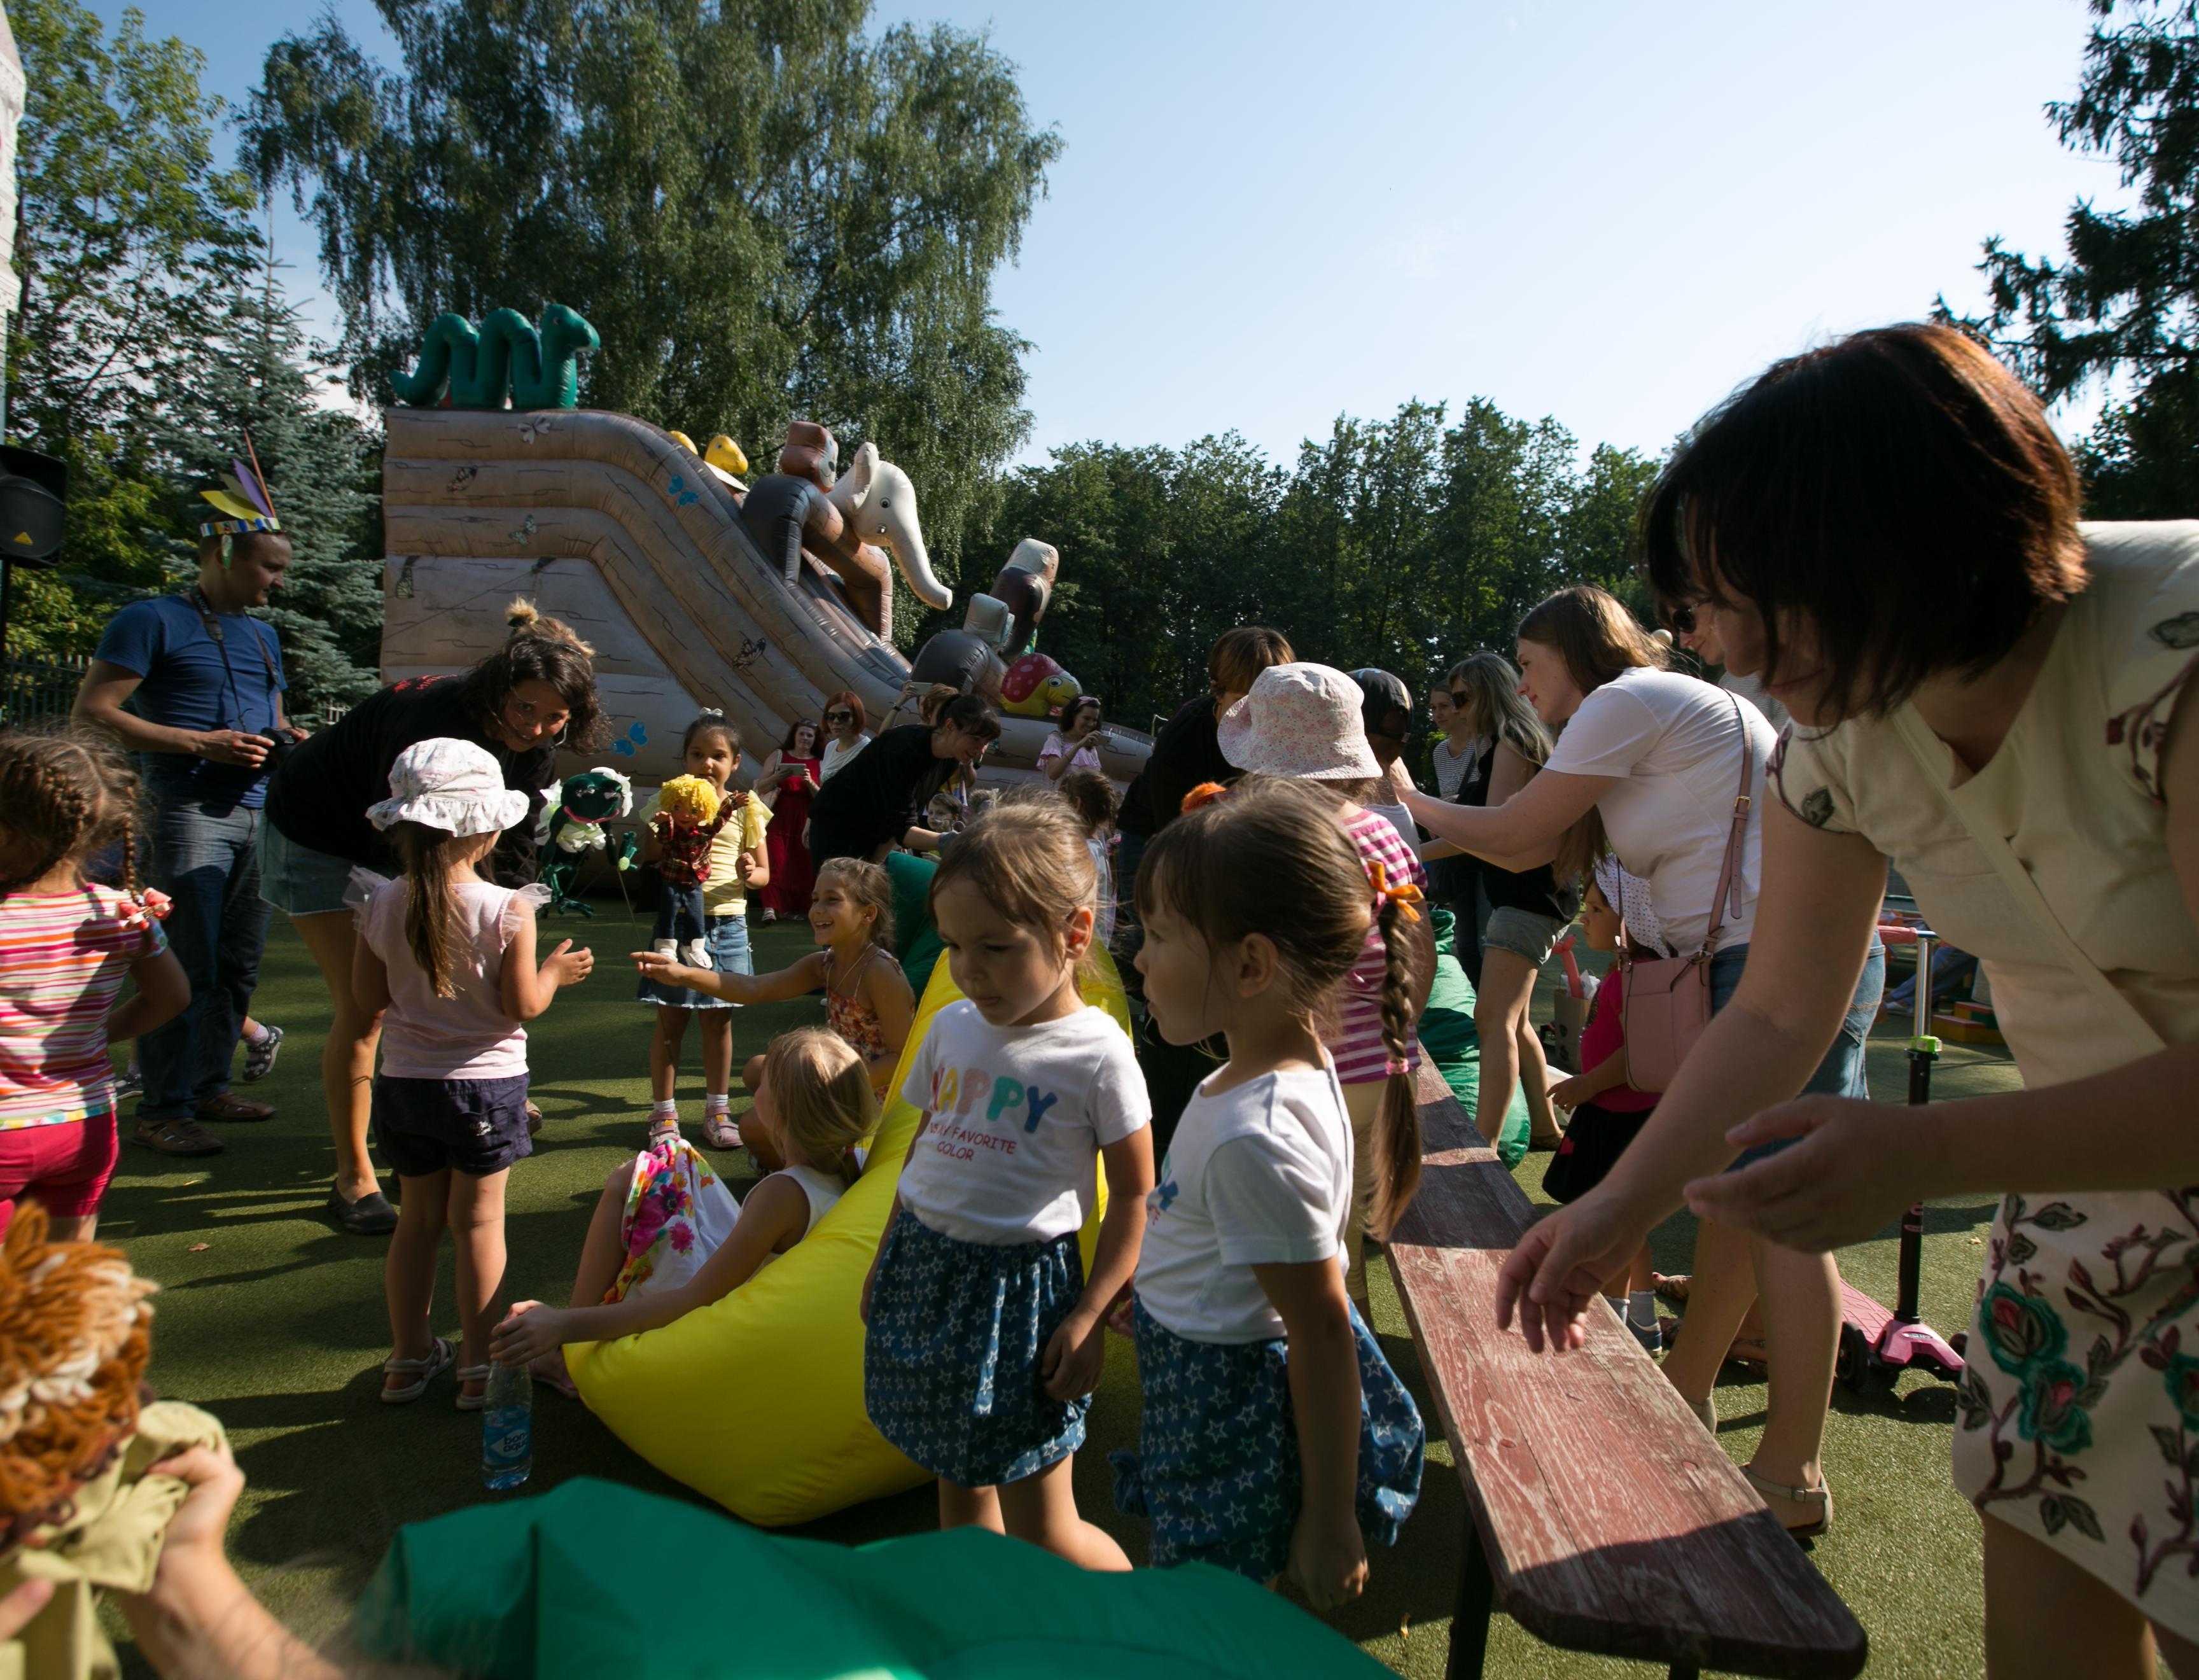 В Измайловском парке пройдет ежегодный фестиваль ECO LIFE FEST